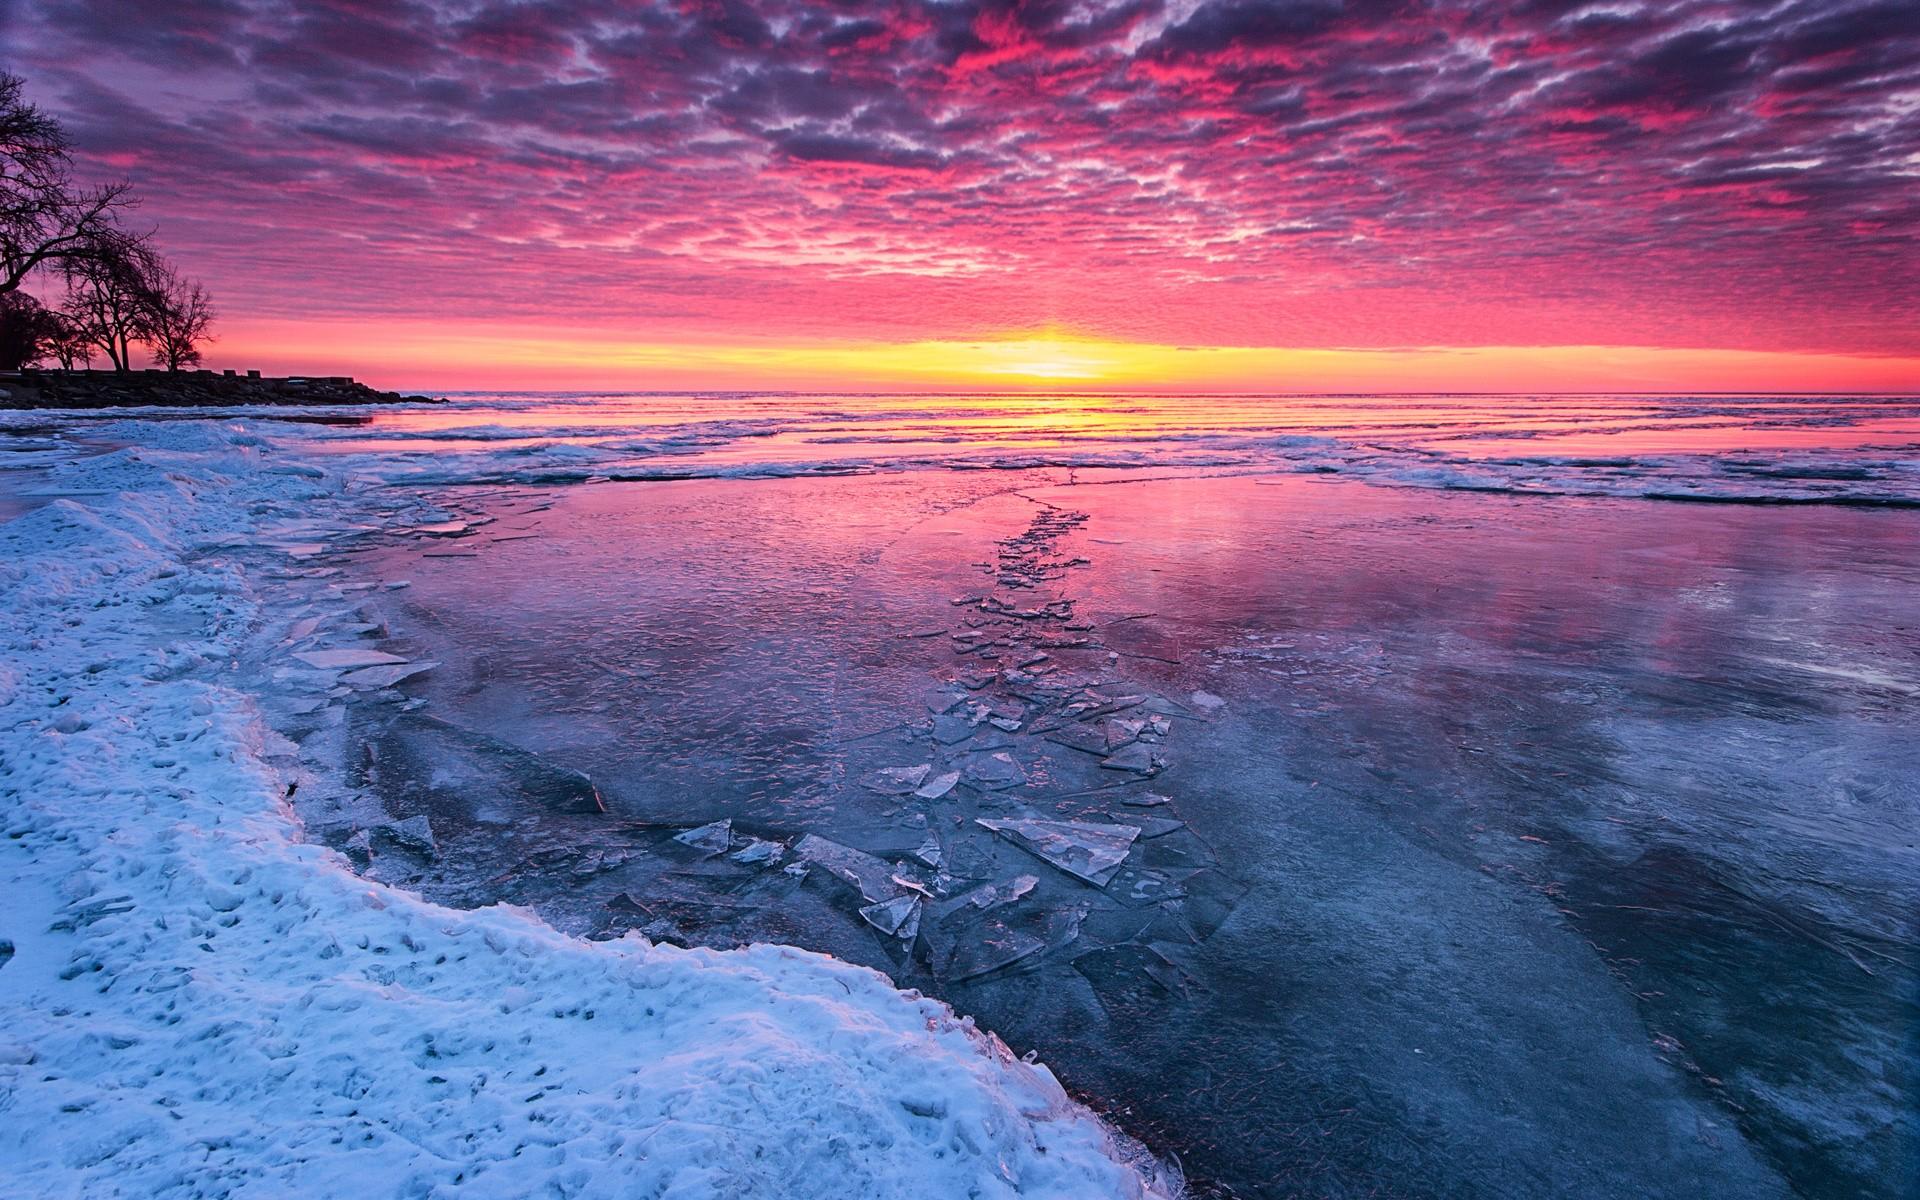 носом, подаренным фото море зимой рассвет видите